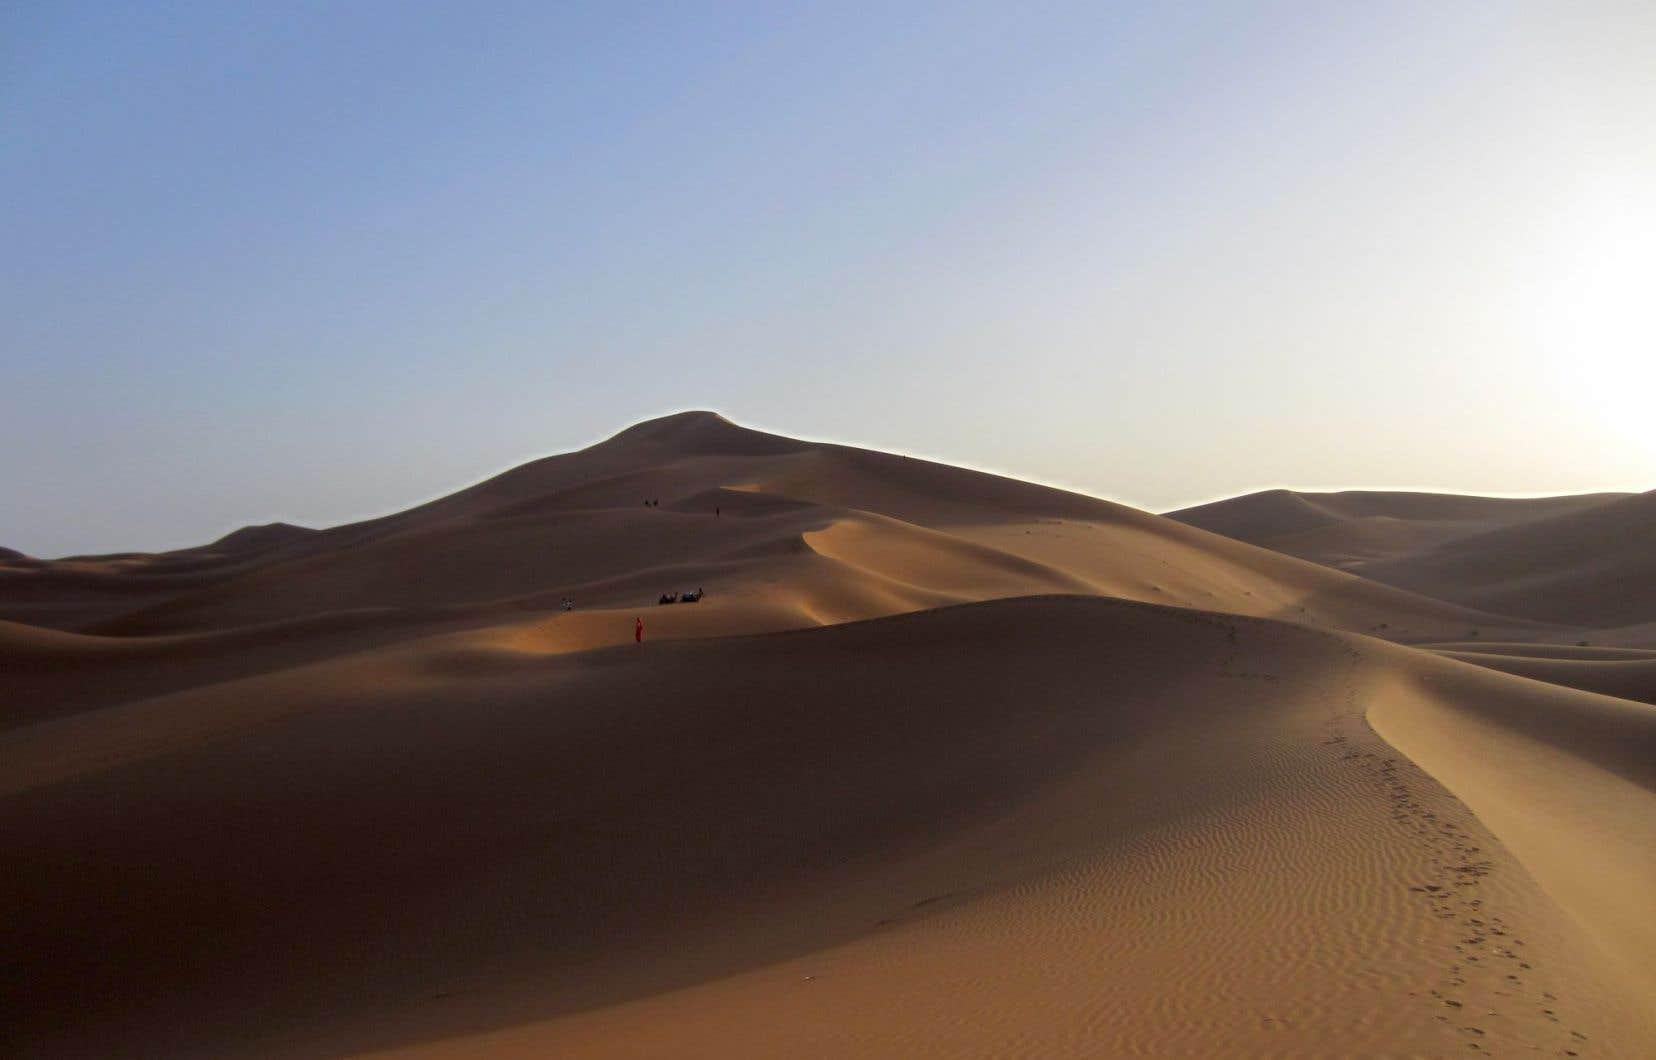 Une méharée dans les dunes, au couchant, donne à voir une impressionnante mer de sable.